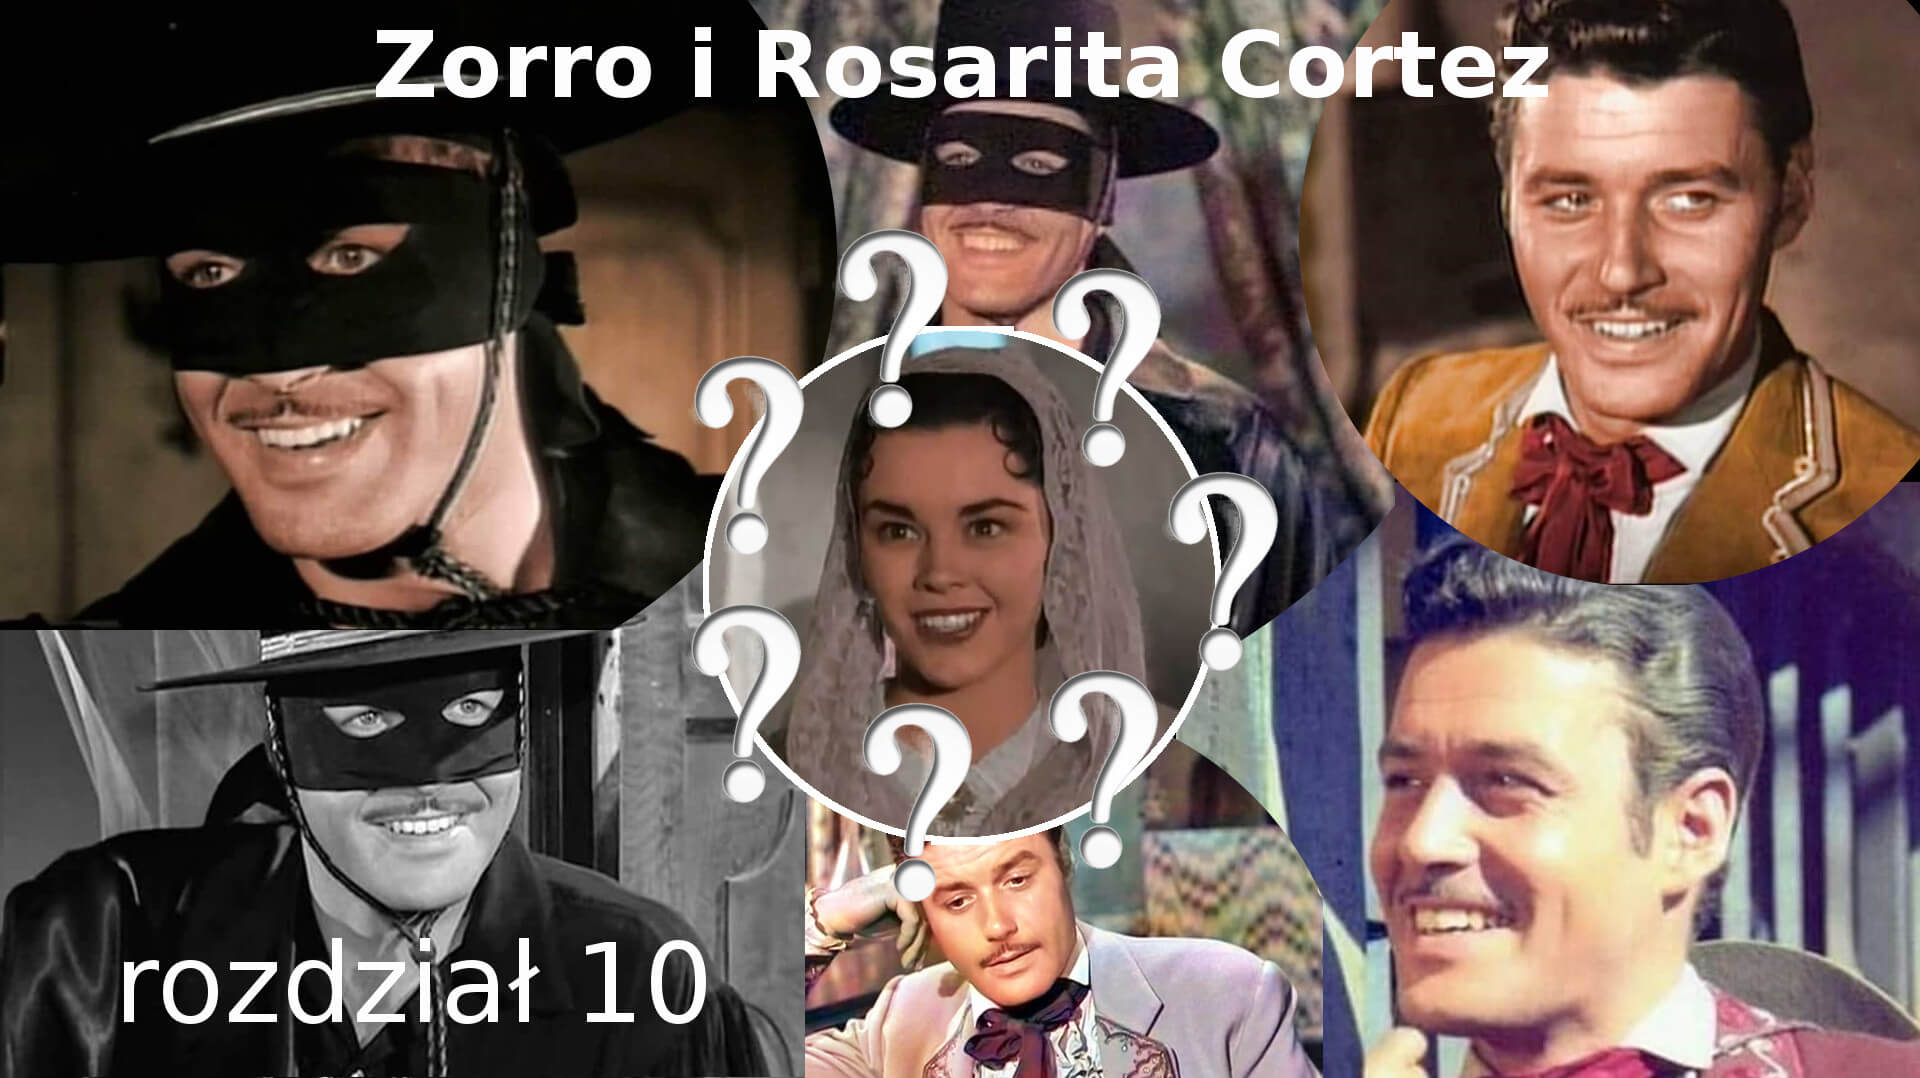 Zorro i Rosarita Cortez rozdział 10 Zorro fanfiction